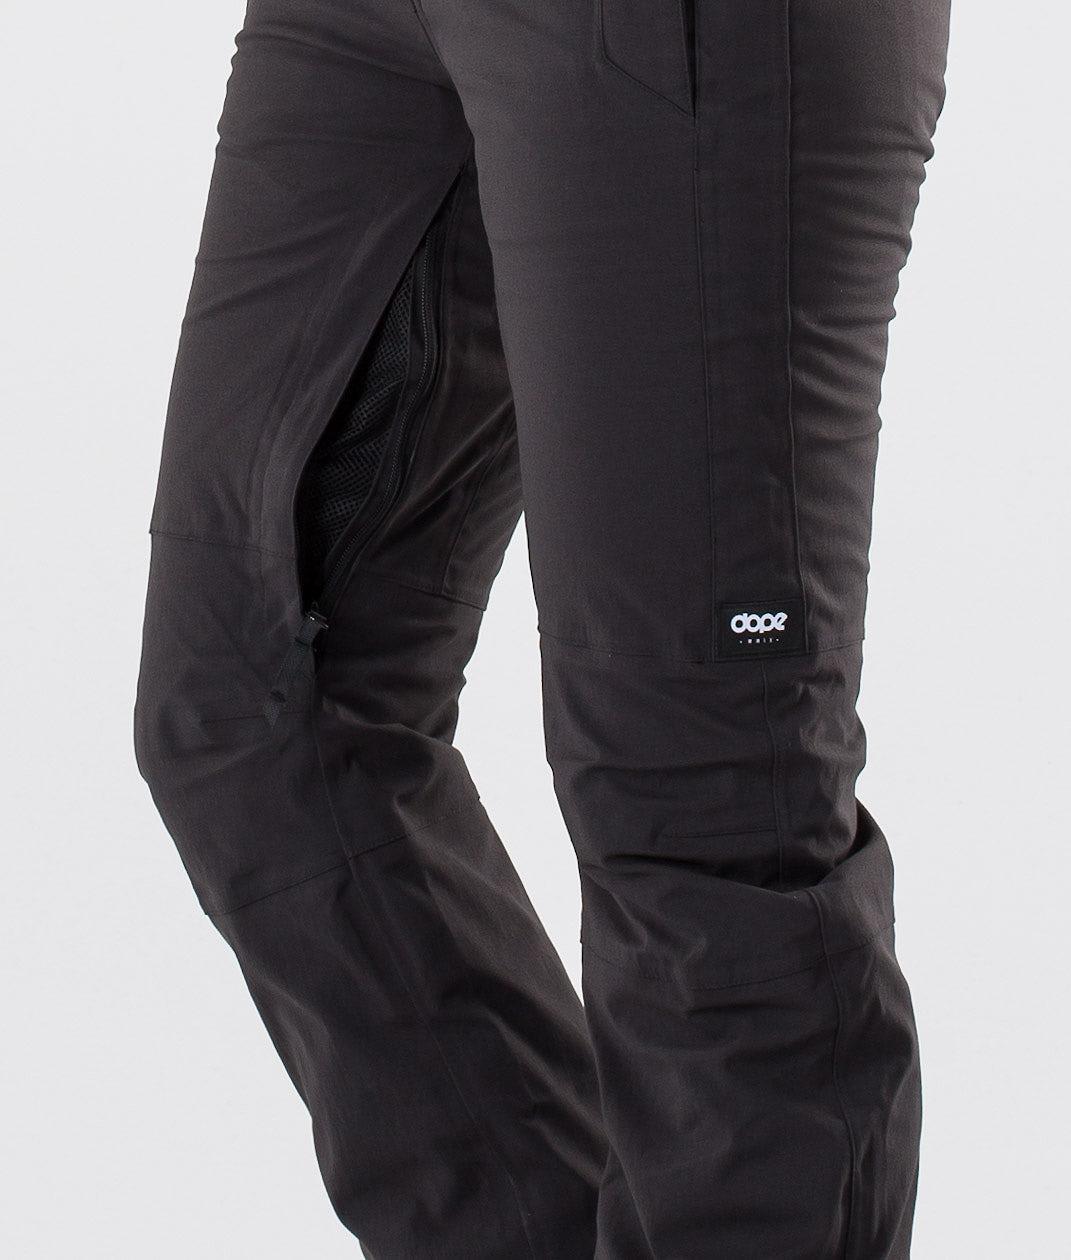 Kjøp Con Snowboardbukse fra Dope på Ridestore.no - Hos oss har du alltid fri frakt, fri retur og 30 dagers åpent kjøp!